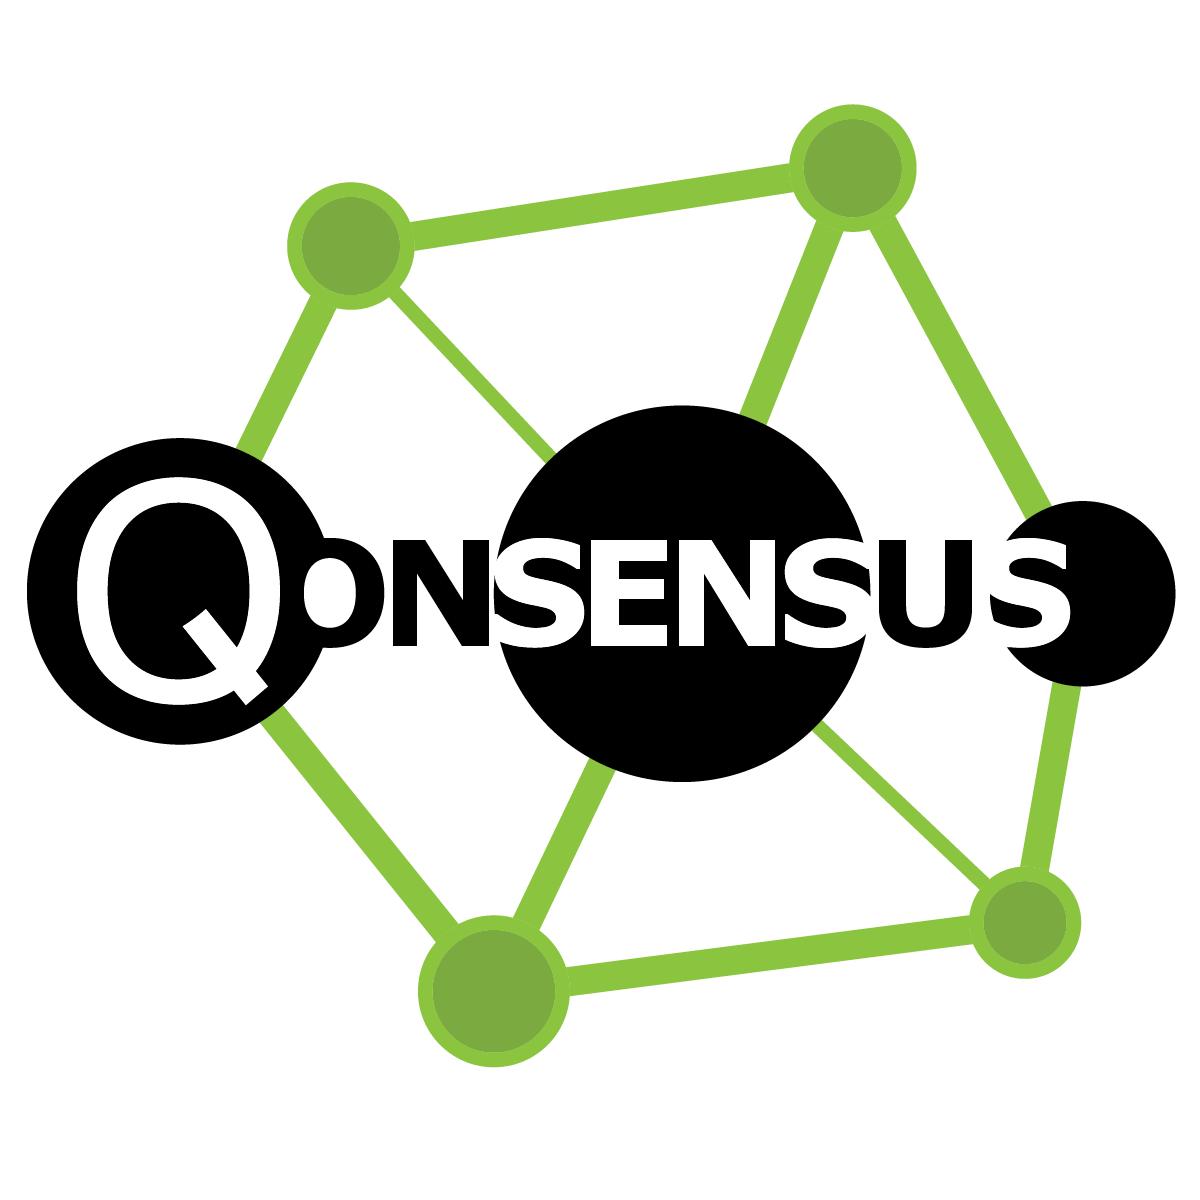 Qonsensus